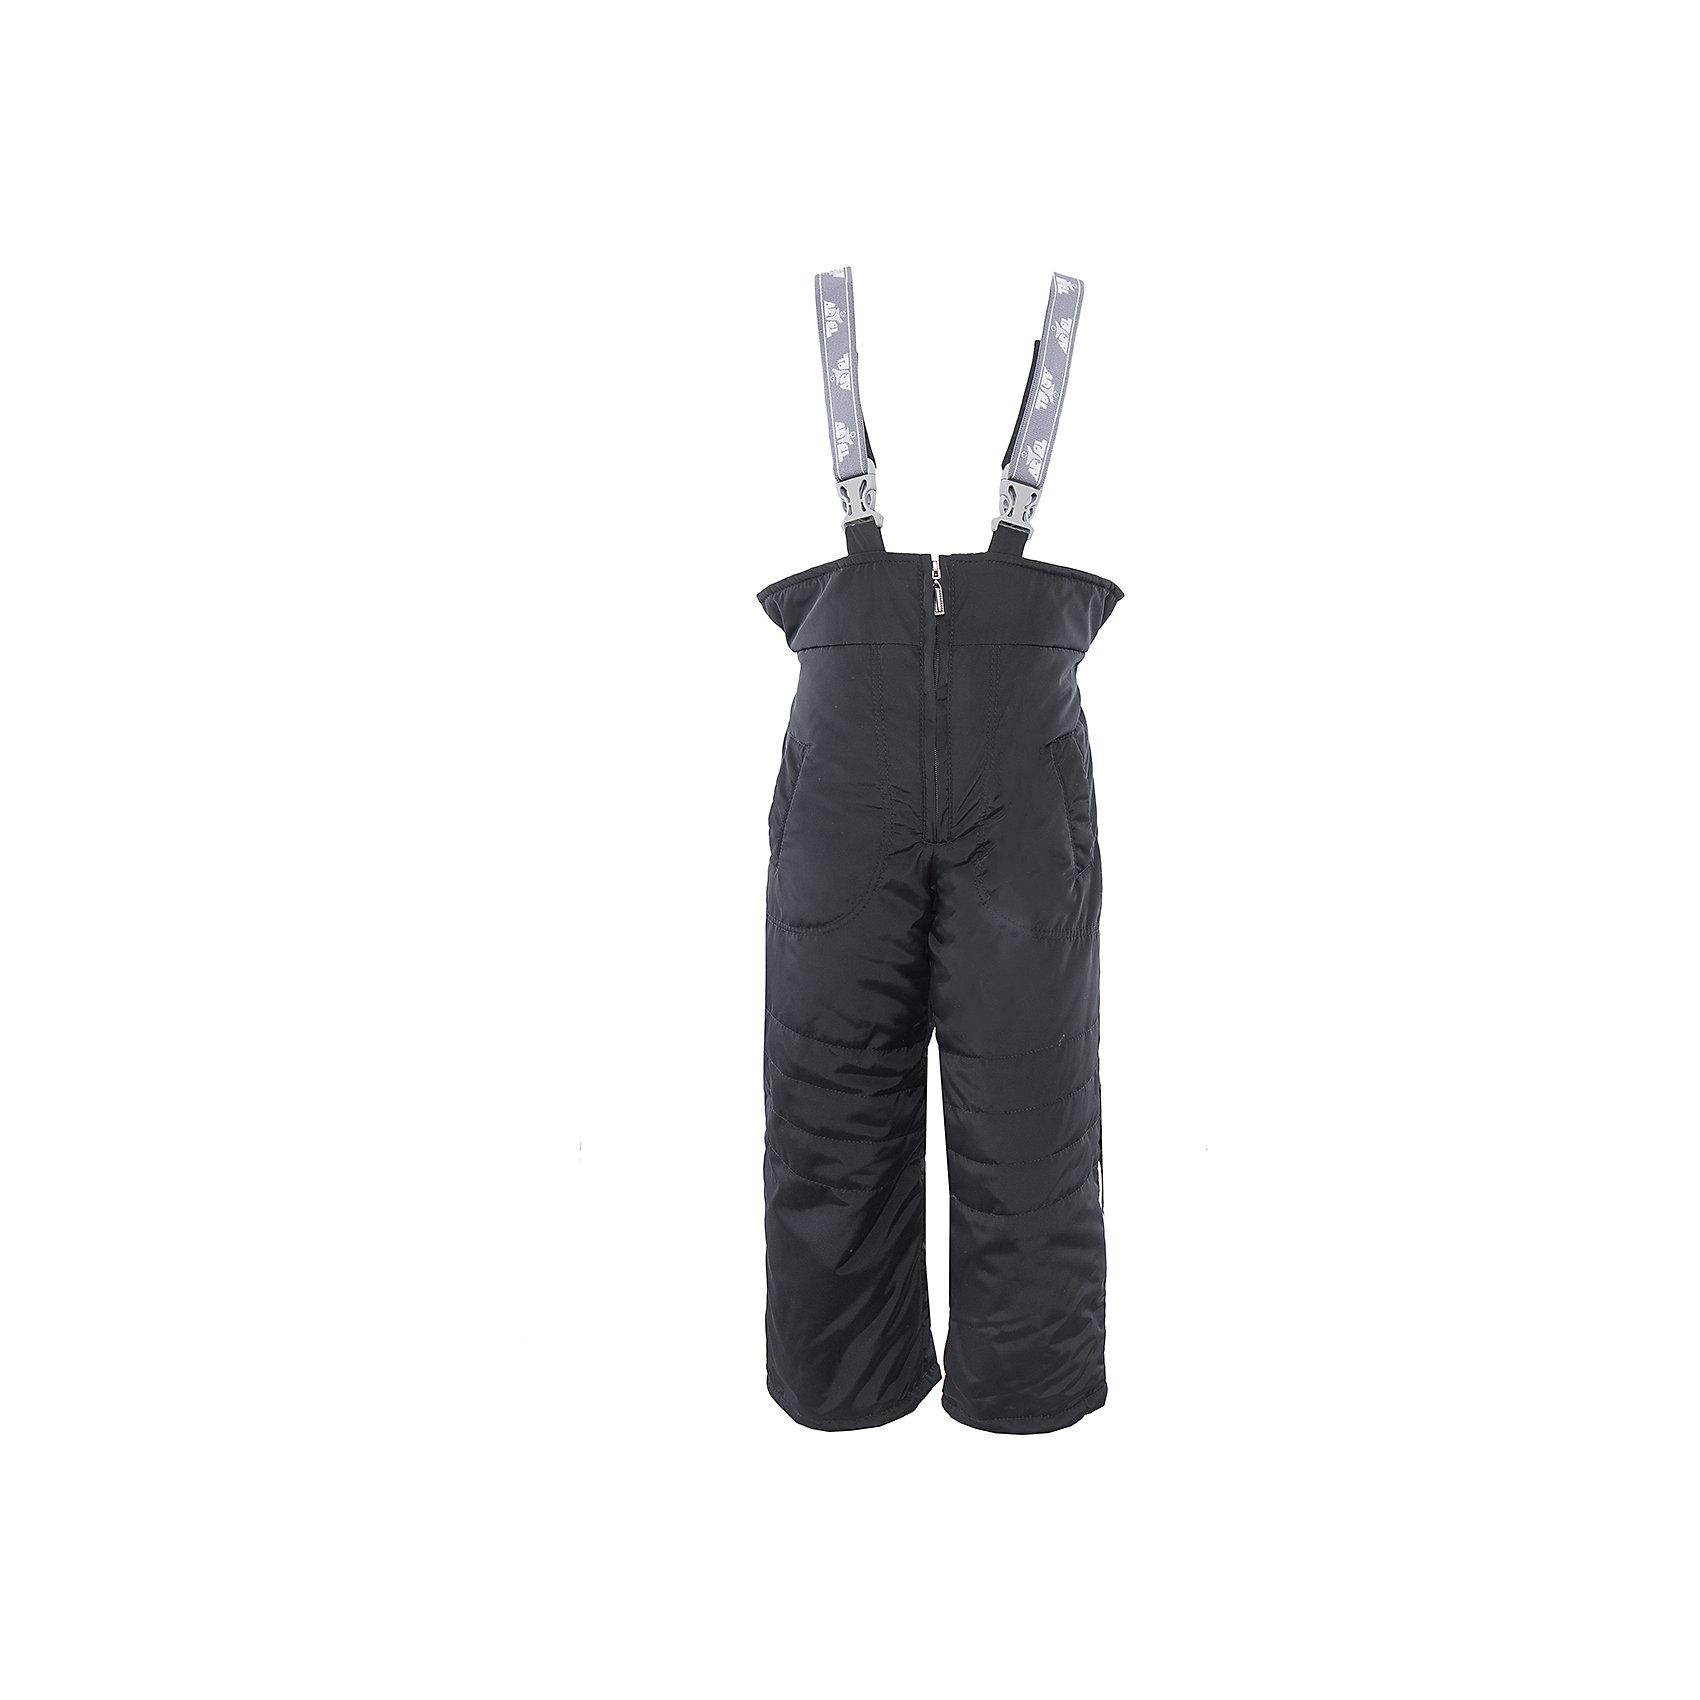 Полукомбинезон для мальчика АртельВерхняя одежда<br>Полукомбинезон  для мальчика от торговой марки Артель &#13;<br>&#13;<br>Утепленный комбинезон позволит ребенку чувствовать себя комфортно даже в холодную погоду. Его размер легко регулируется, поэтому изделие может прослужить не один сезон. Практичная и удобная вещь.<br>Одежда от бренда Артель – это высокое качество по приемлемой цене и всегда продуманный дизайн. &#13;<br>&#13;<br>Особенности модели: &#13;<br>- цвет - черный;&#13;<br>- наличие карманов;&#13;<br>- высокая талия;<br>- утеплитель;&#13;<br>- регулируемые бретельки; отвороты на штанинах; защита от снега;&#13;<br>- застежка-молния.&#13;<br>&#13;<br>Дополнительная информация:&#13;<br>&#13;<br>Состав: &#13;<br>- верх: принц;<br>- подкладка: хлопок интерлок;<br>- утеплитель: термофайбер 100 г<br>&#13;<br>Температурный режим: &#13;<br>от - 15 °C до + 5 °C&#13;<br>&#13;<br>Комбинезон для мальчика Артель (Artel) можно купить в нашем магазине.<br><br>Ширина мм: 215<br>Глубина мм: 88<br>Высота мм: 191<br>Вес г: 336<br>Цвет: черный<br>Возраст от месяцев: 12<br>Возраст до месяцев: 15<br>Пол: Мужской<br>Возраст: Детский<br>Размер: 80,98,104,122,116,110,92,86<br>SKU: 4496064